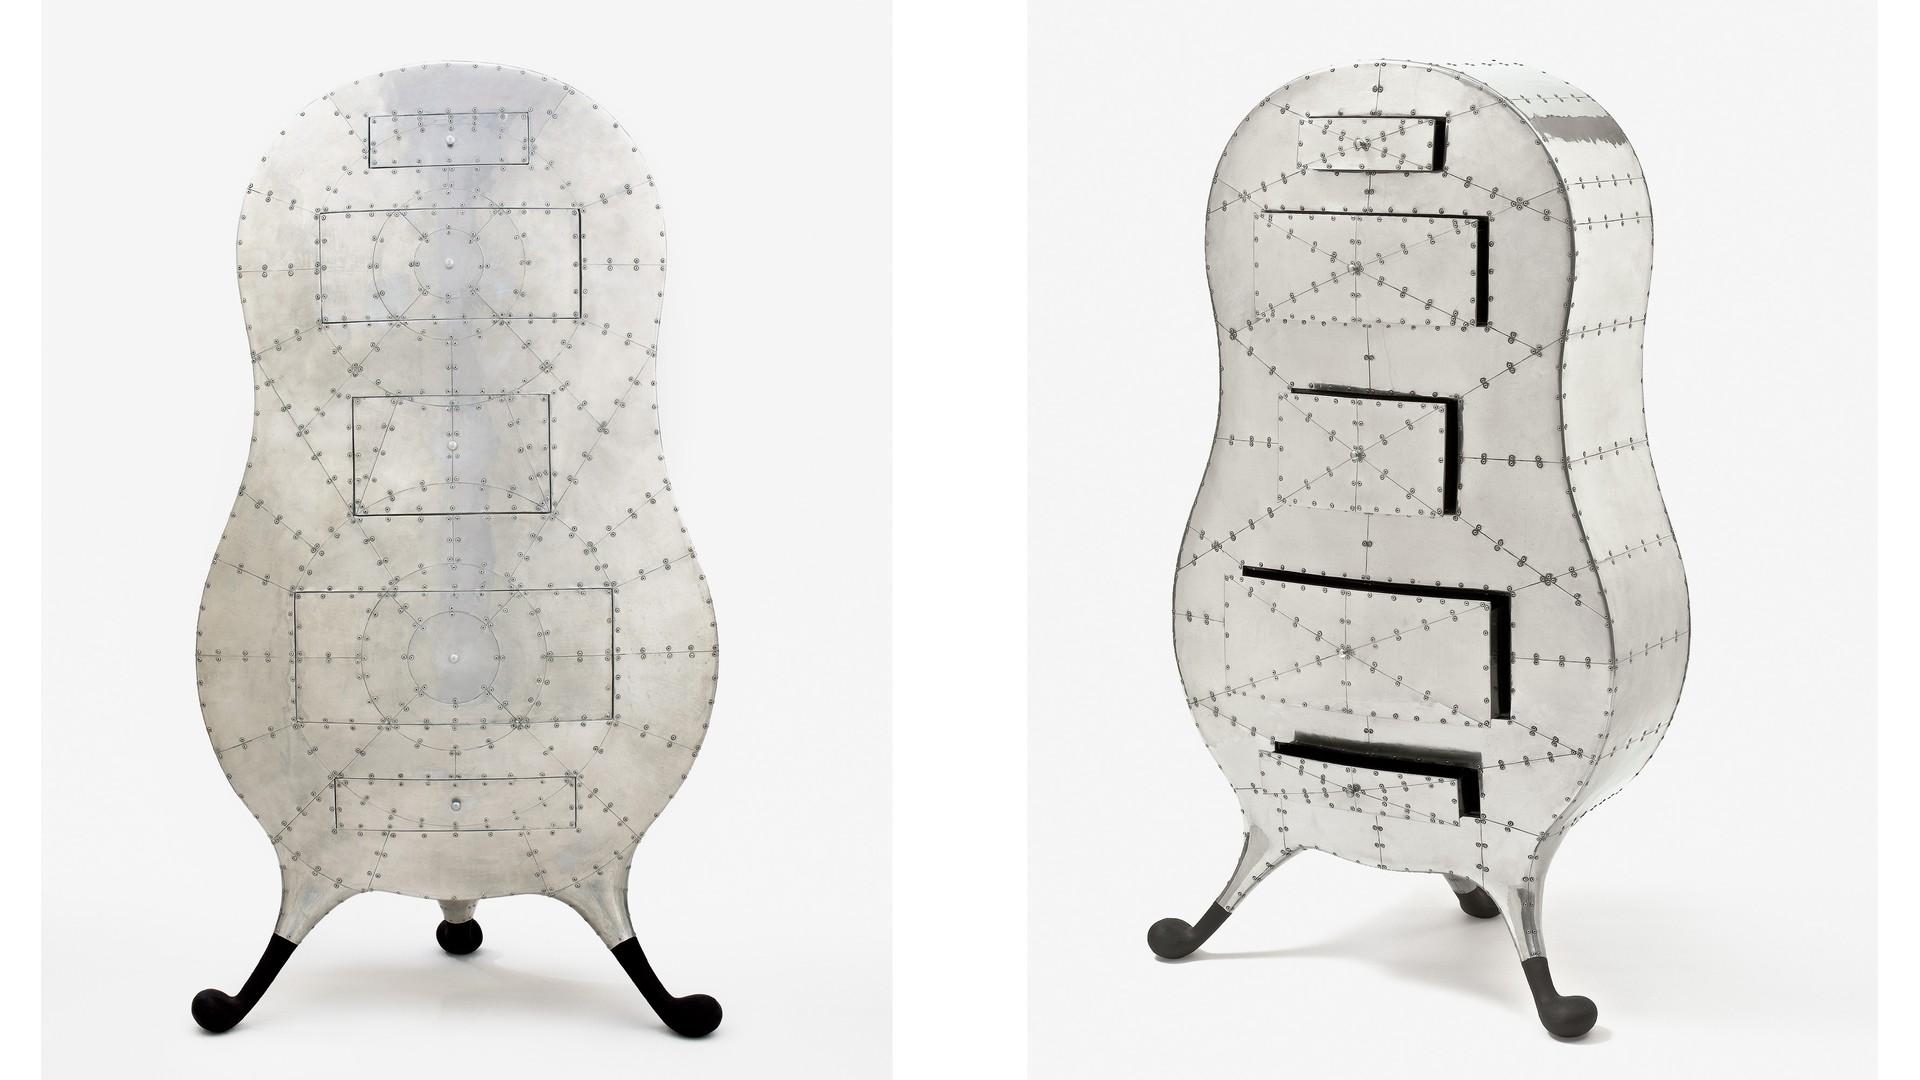 Pod of Drawers | Marc Newson Ltd